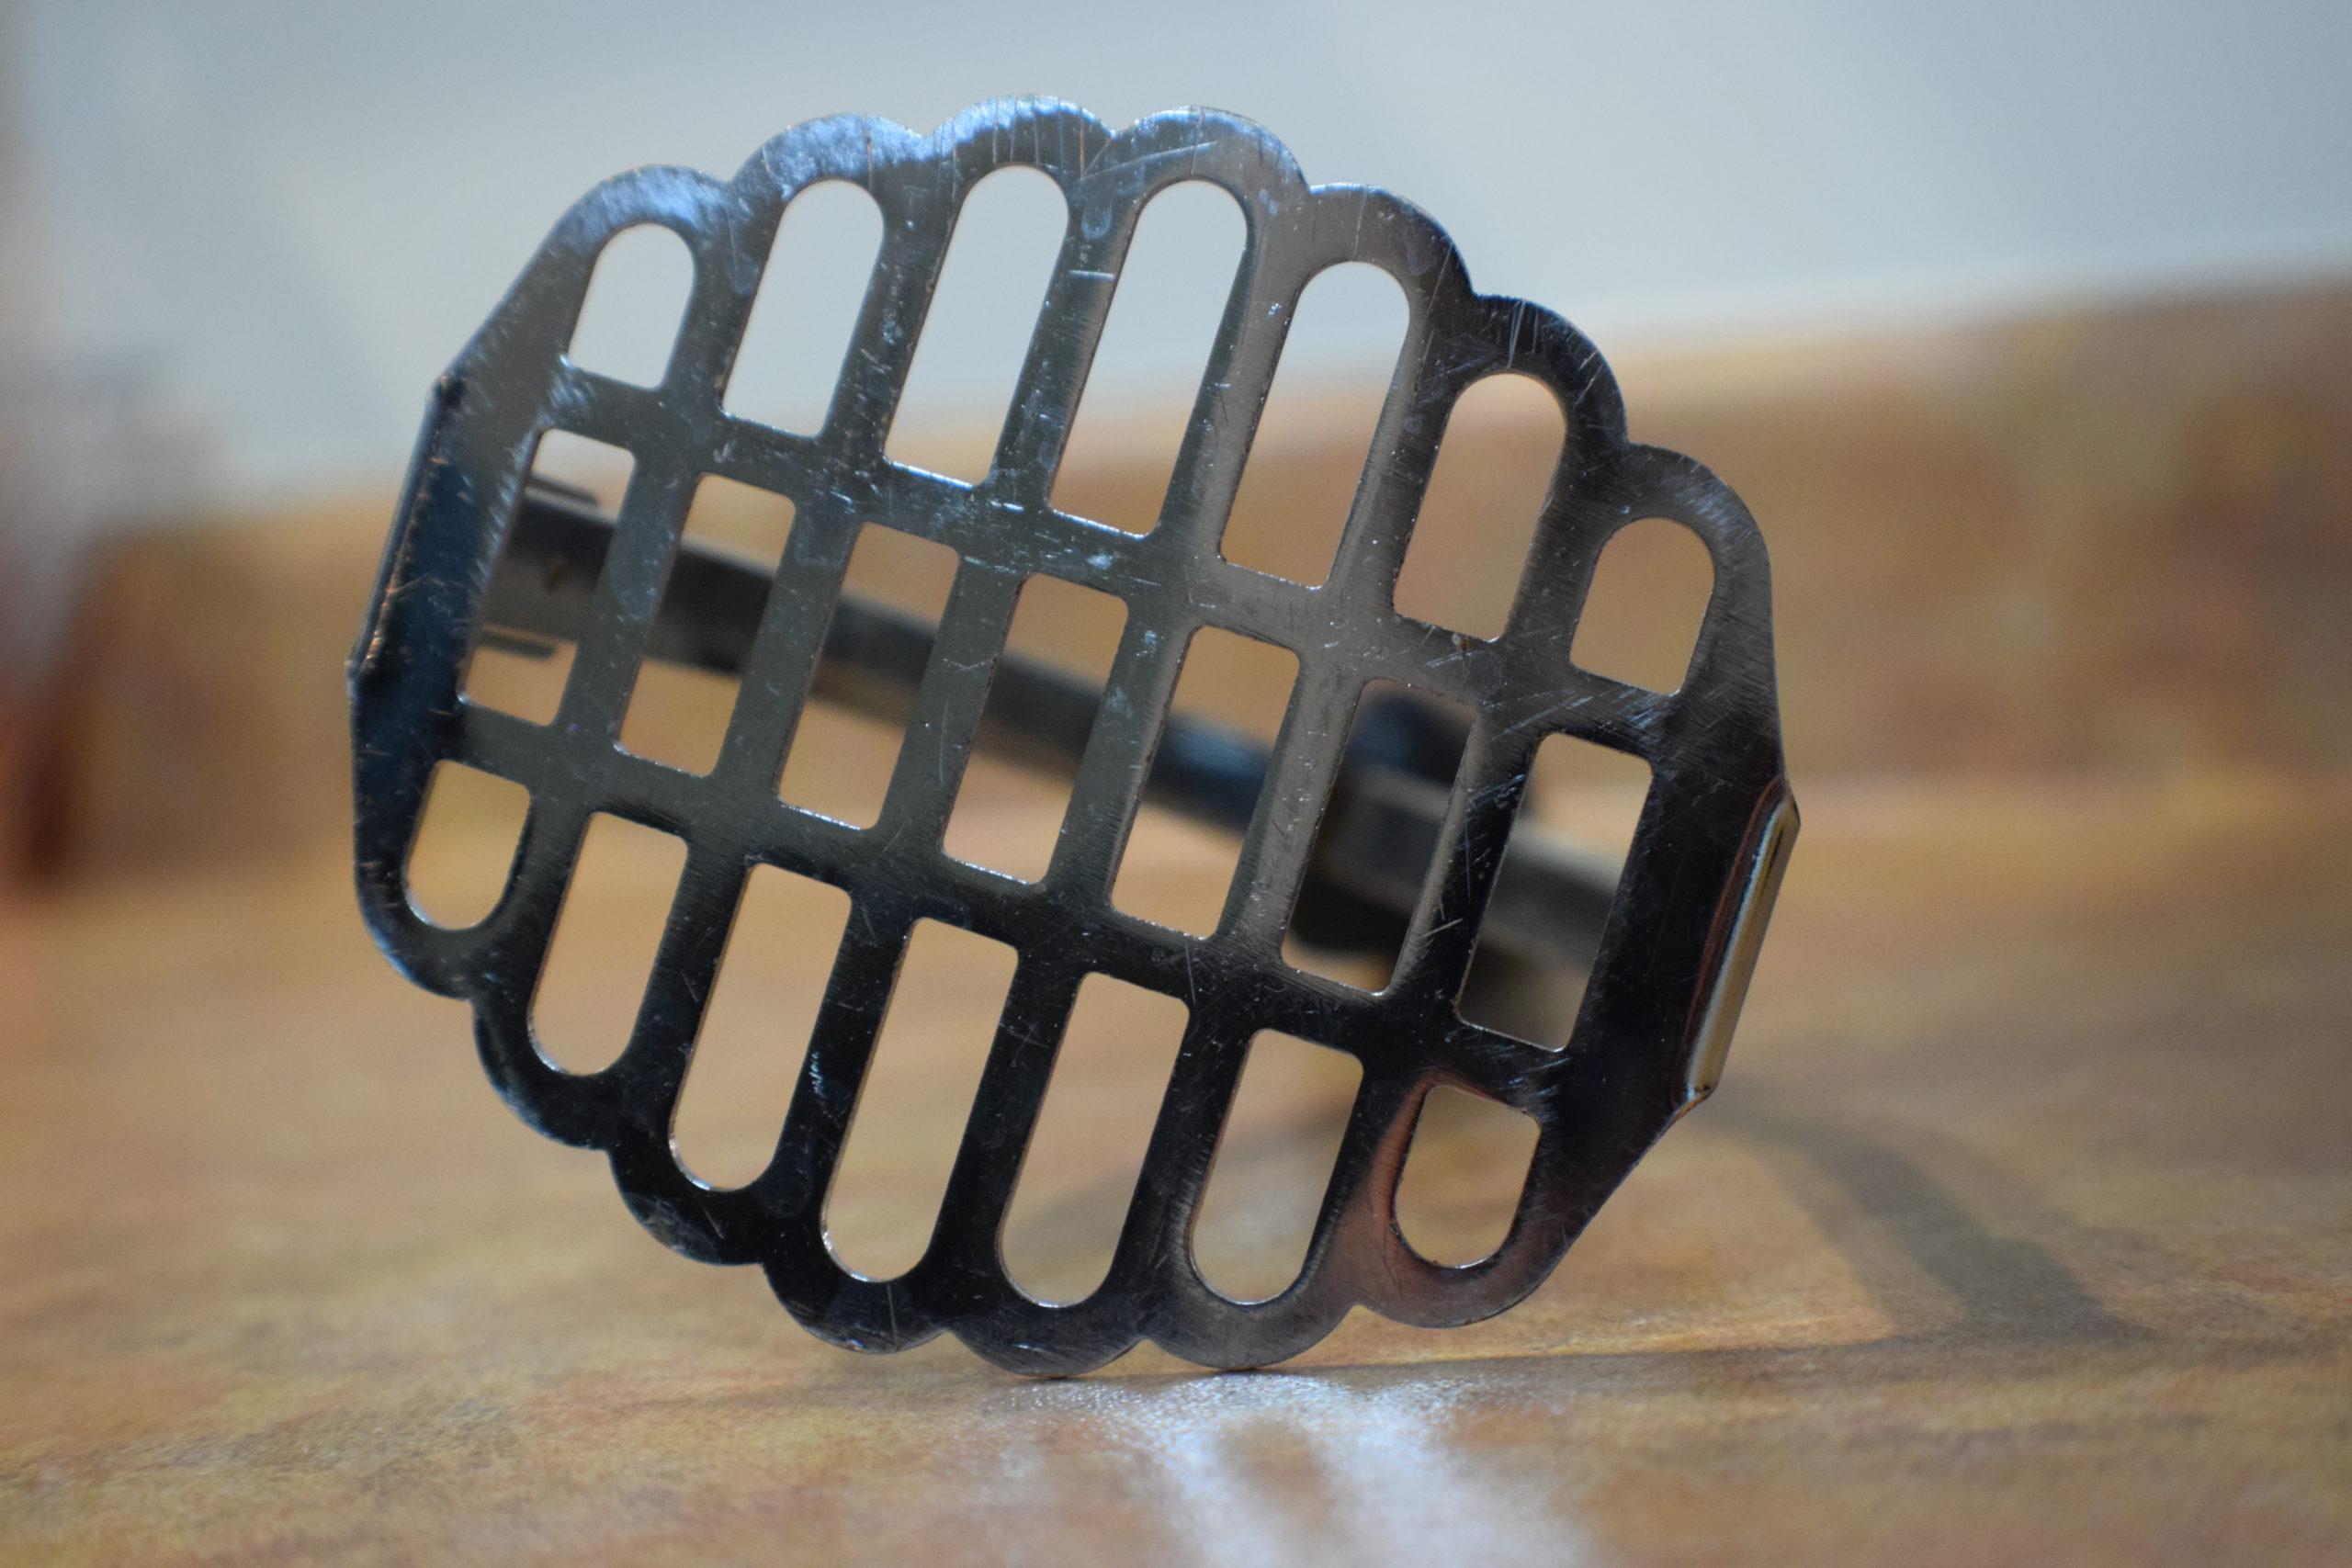 metal mashing utensil on a counter